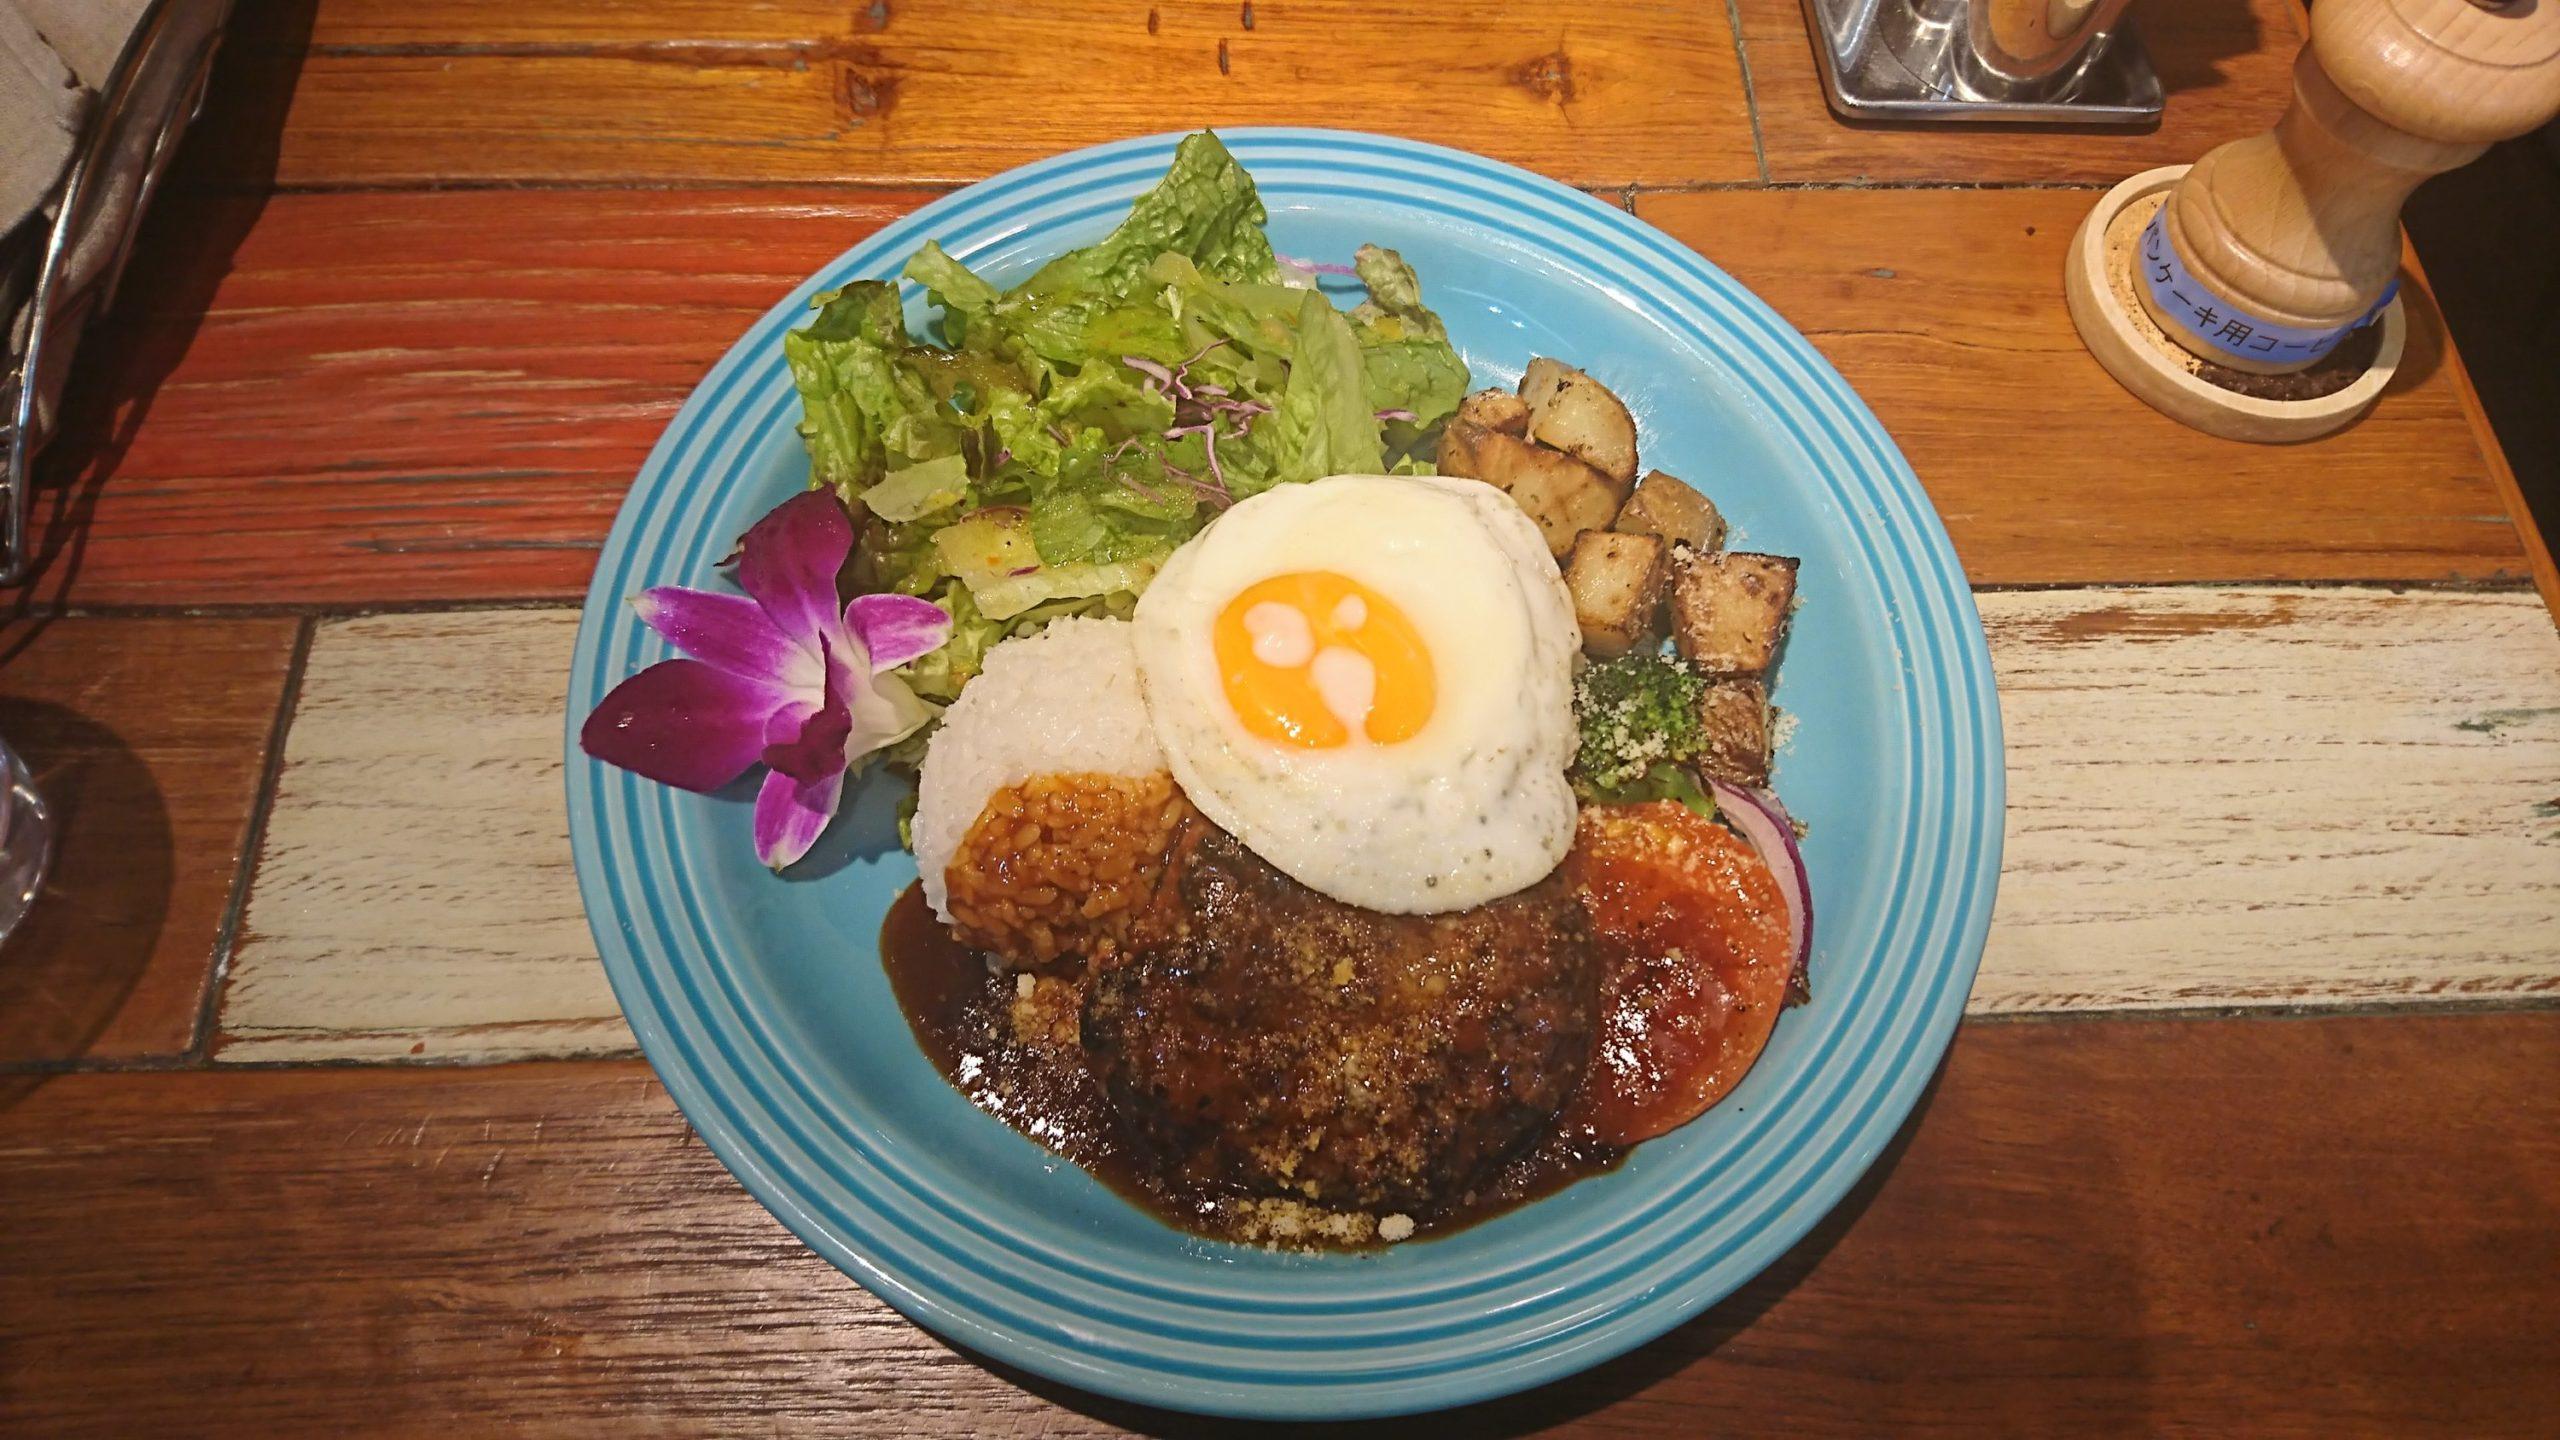 Lanai Cafe(ラナイカフェ)でハワイの食事を楽しみました~三田アウトレット最寄りのイオン神戸北